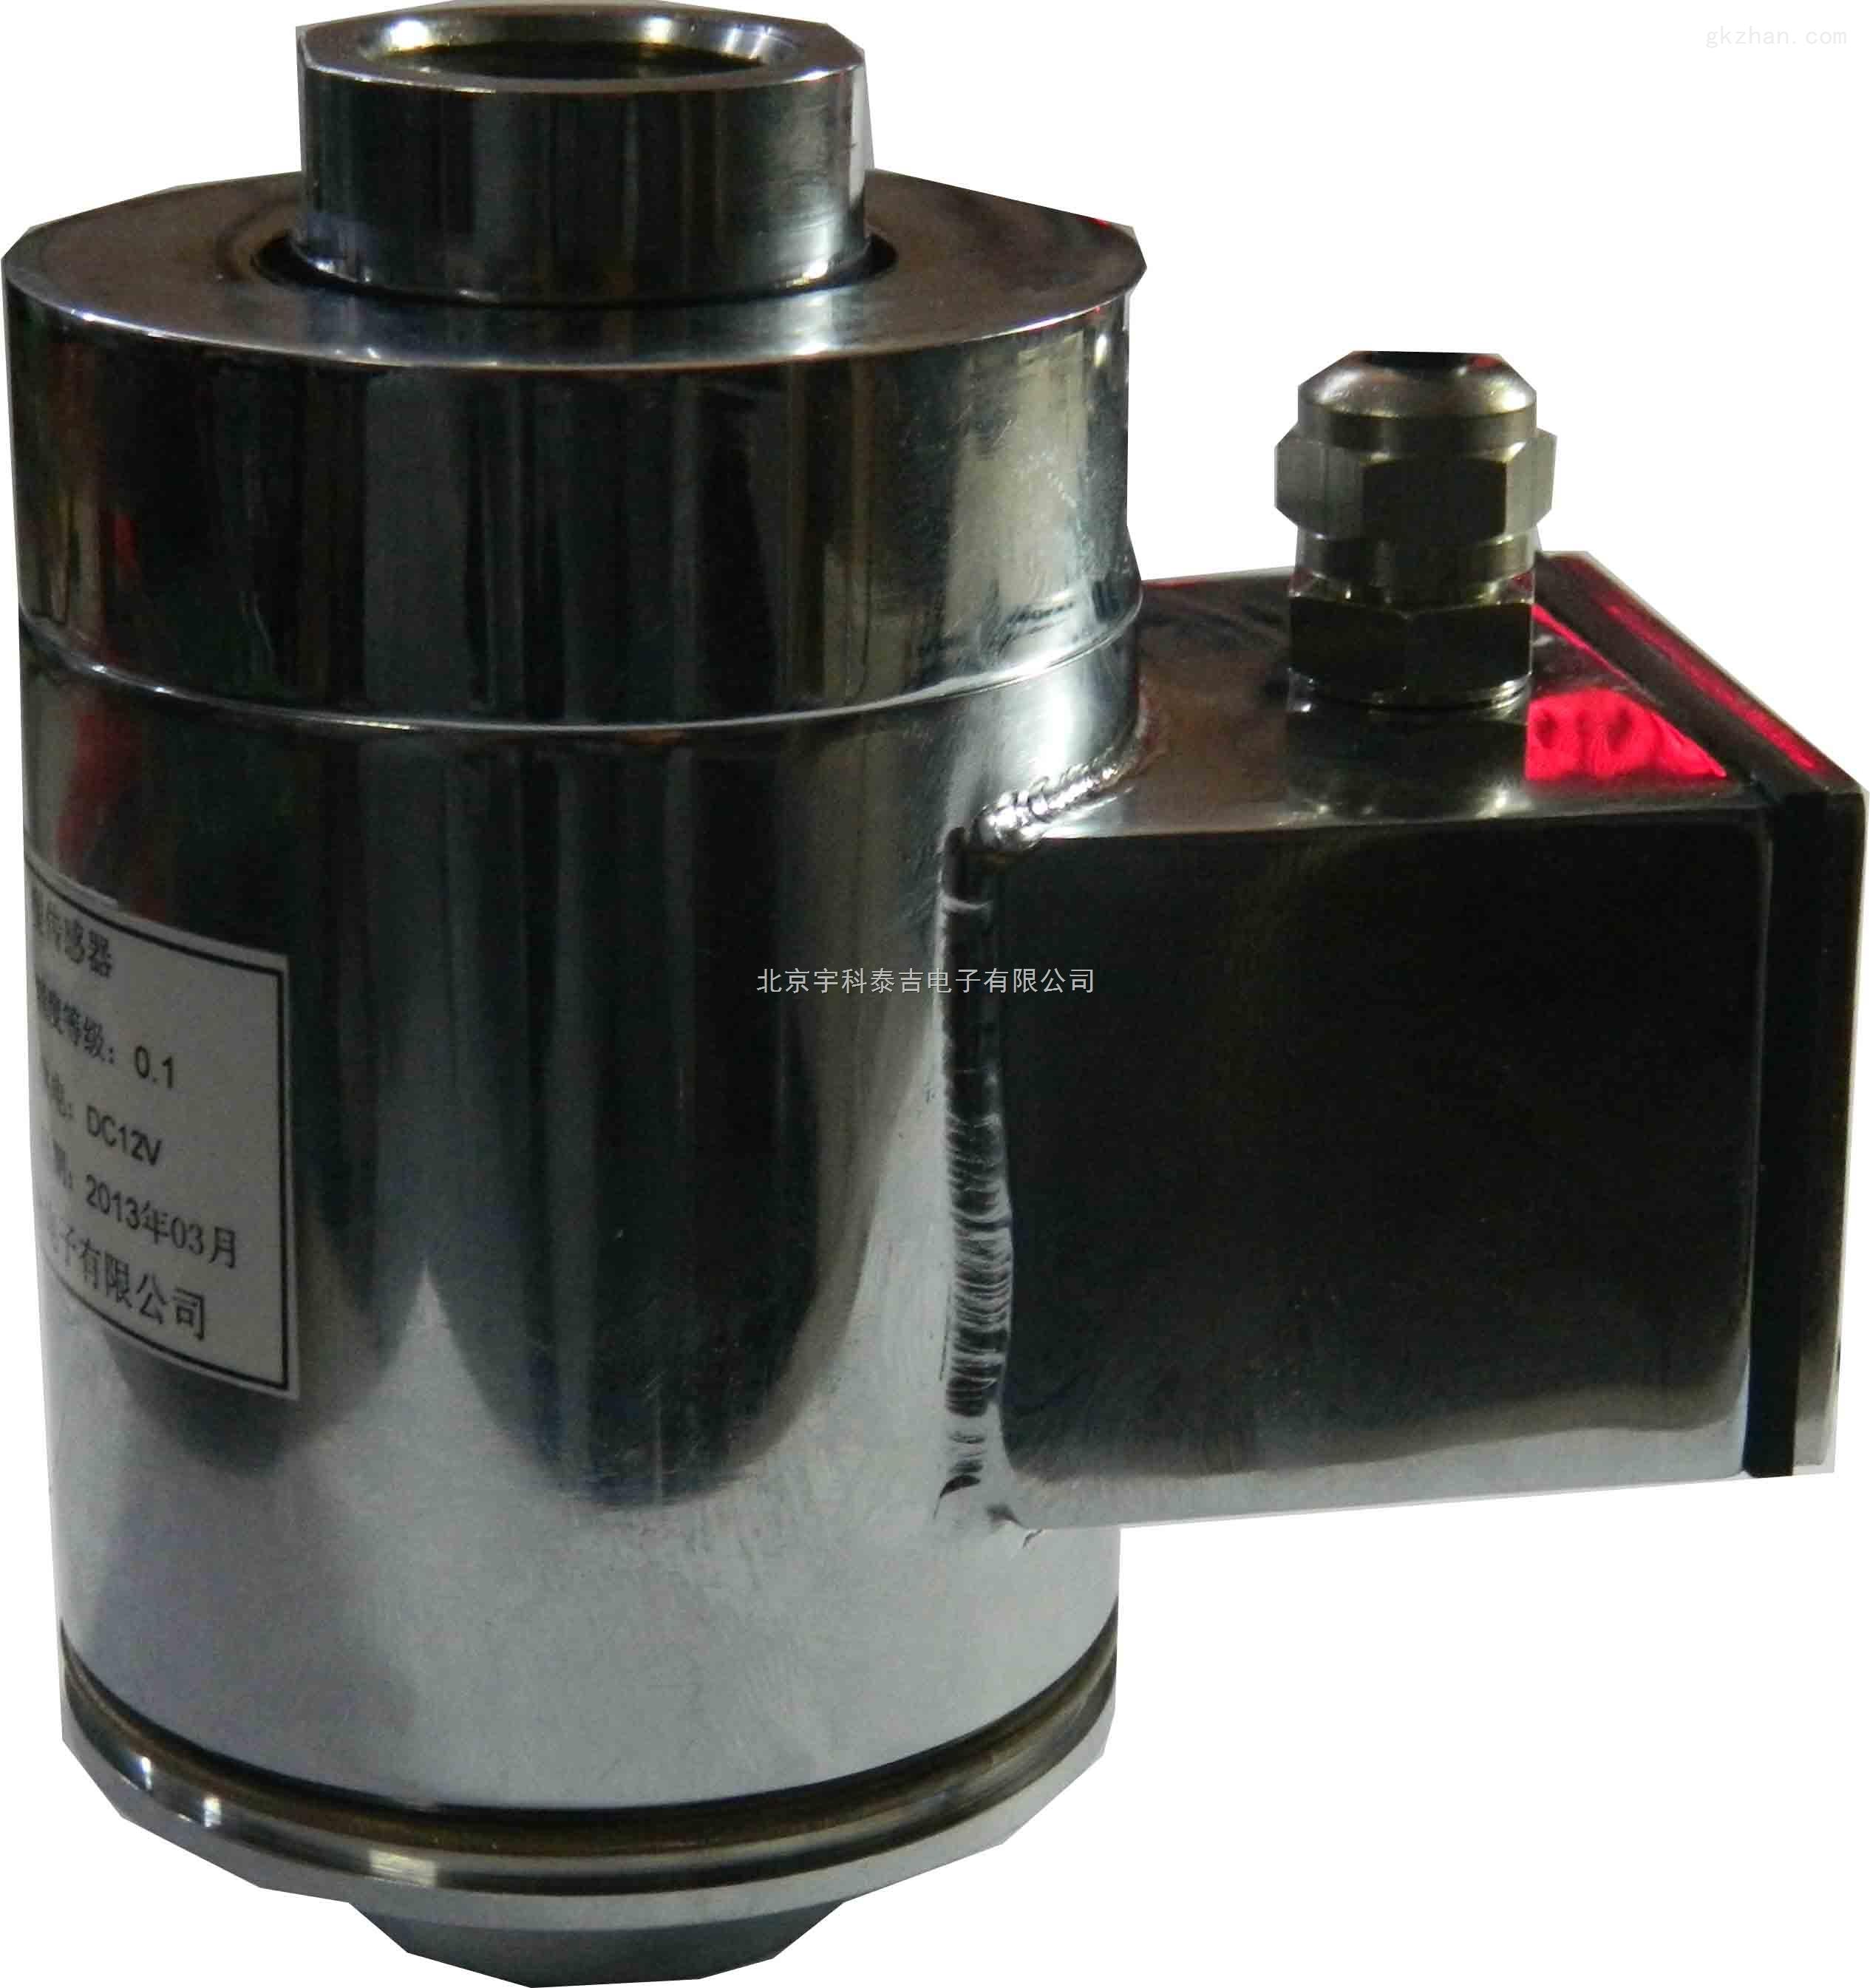 宇科泰吉BK-1A2吨柱式测力/称重传感器